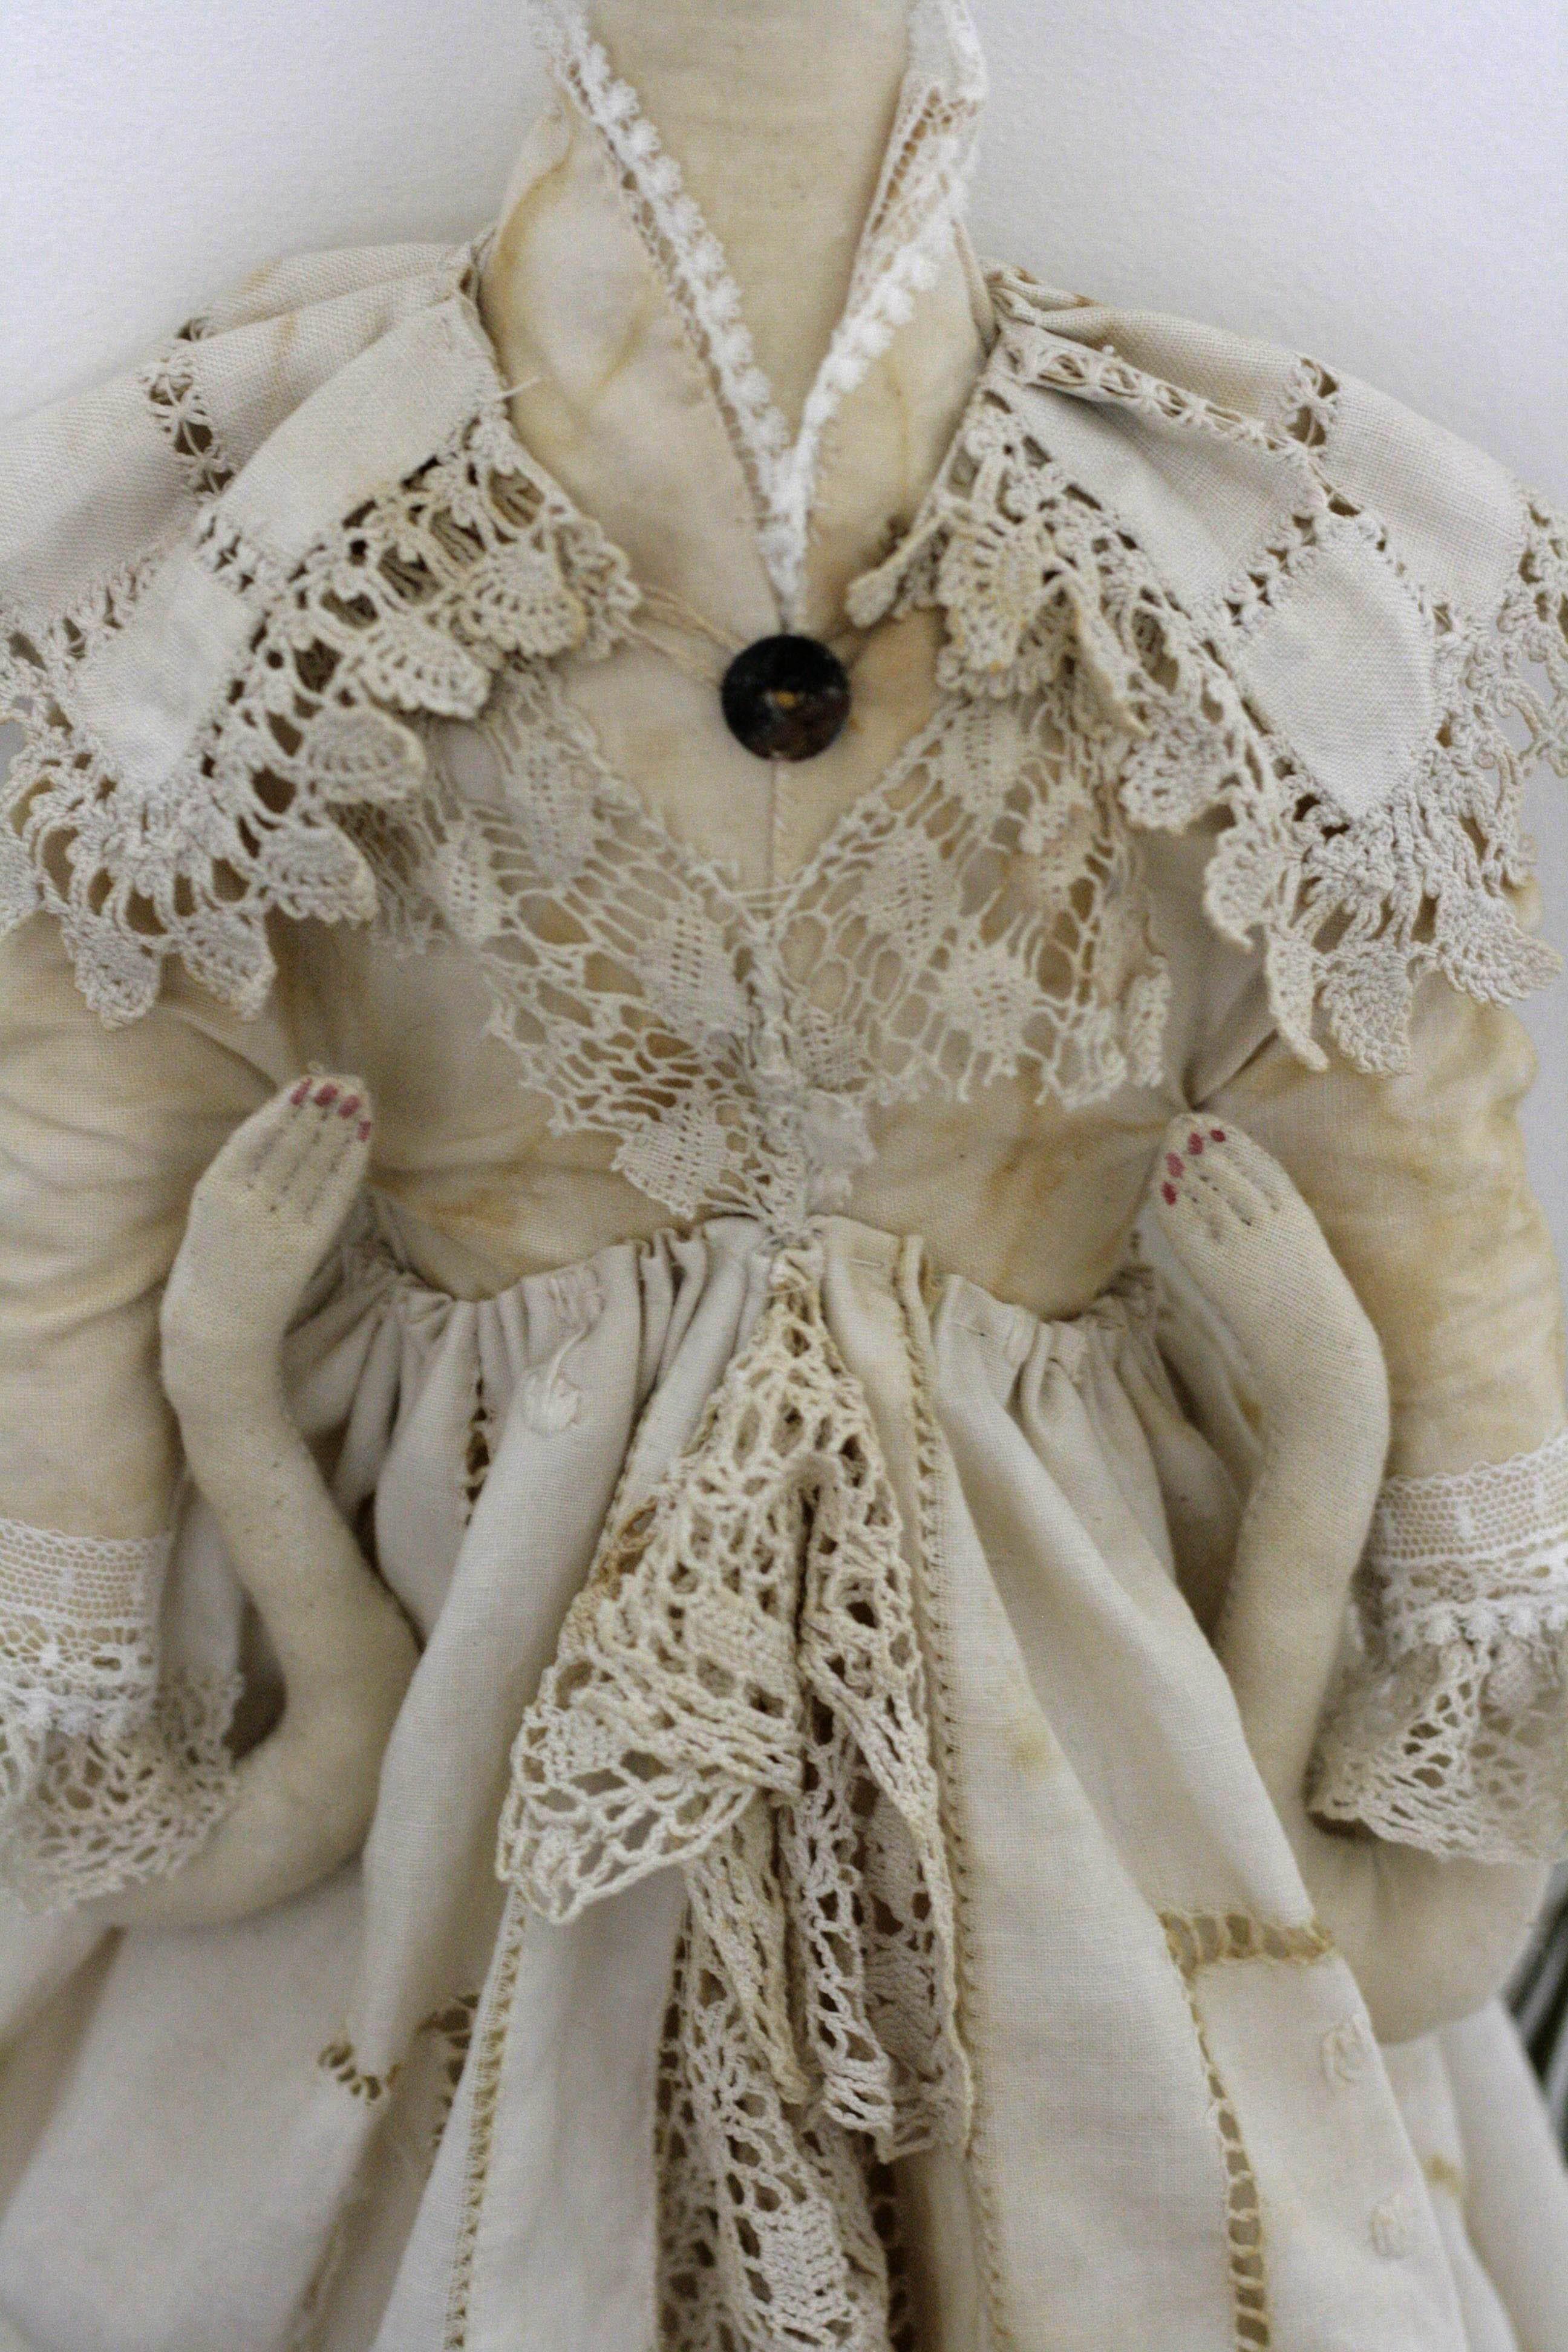 brocante textiles